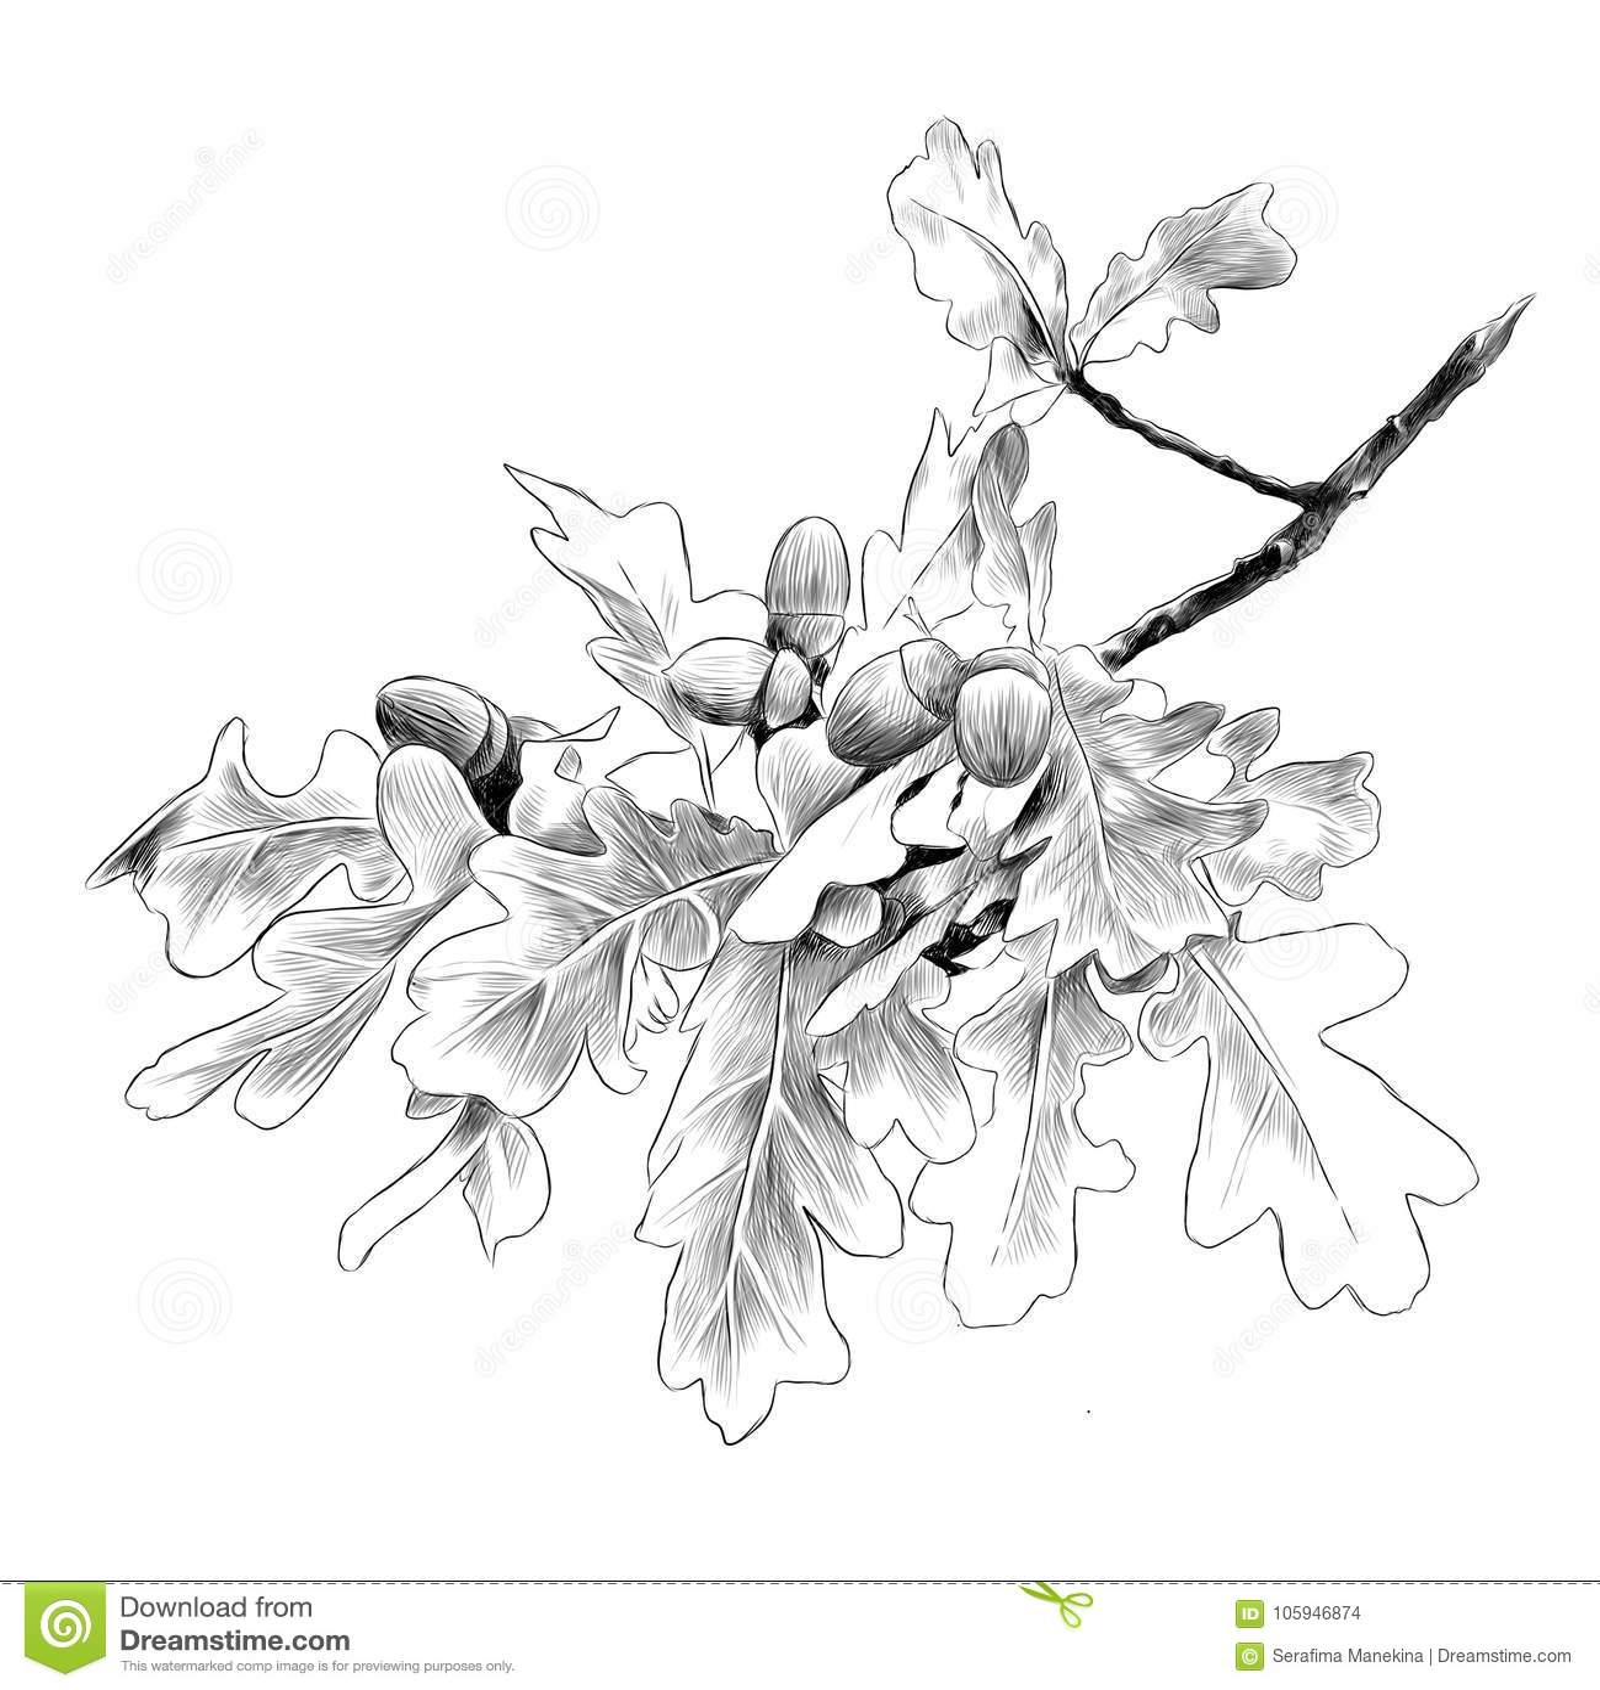 Gráficos de vector del bosquejo de la rama del roble